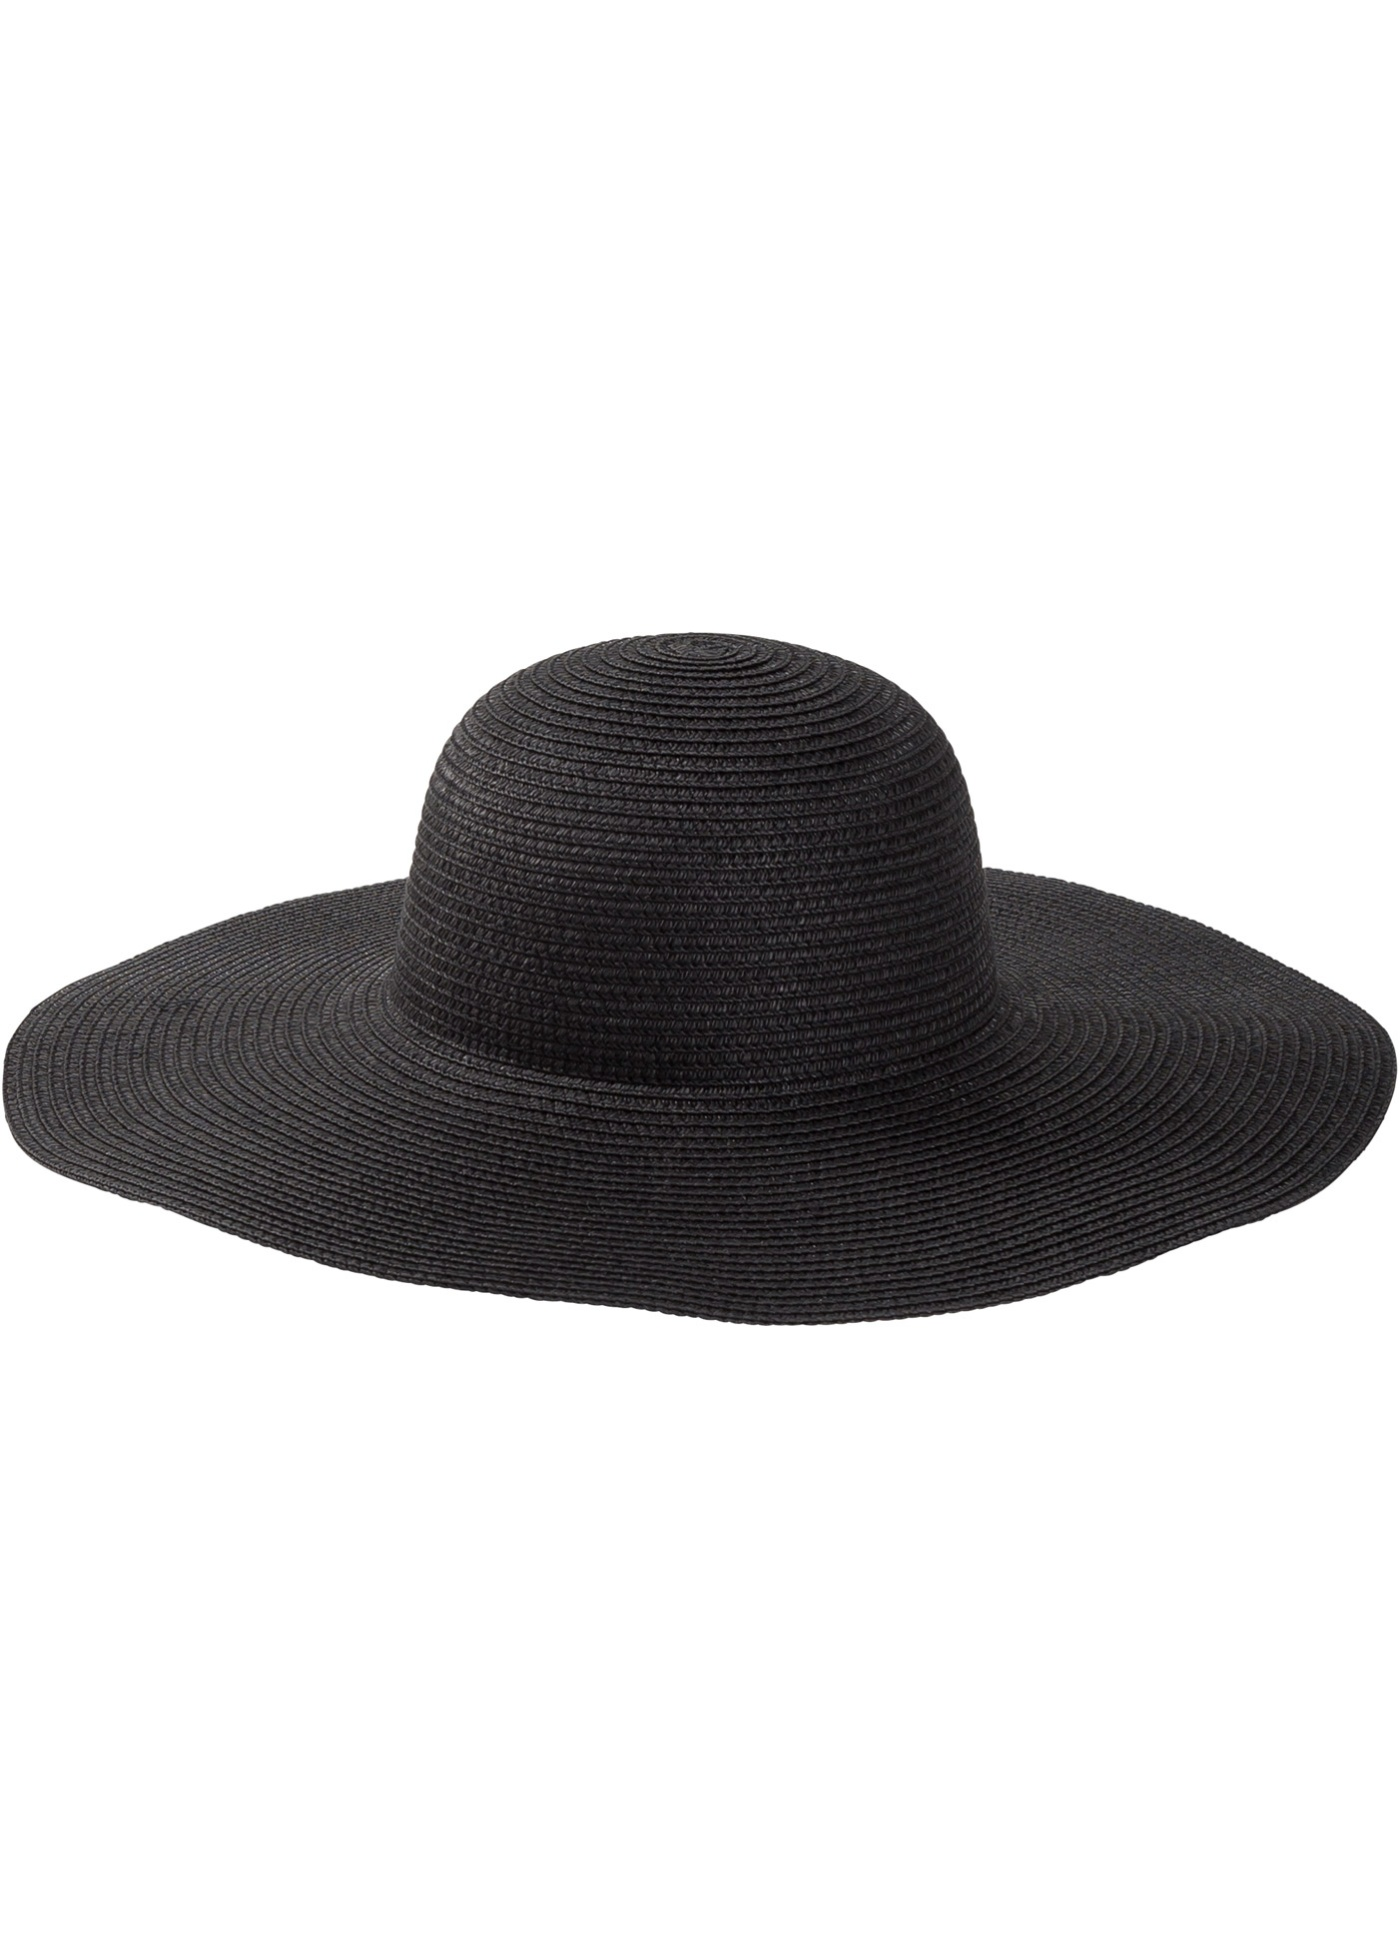 Letní klobouk - Černá 34370c69ed